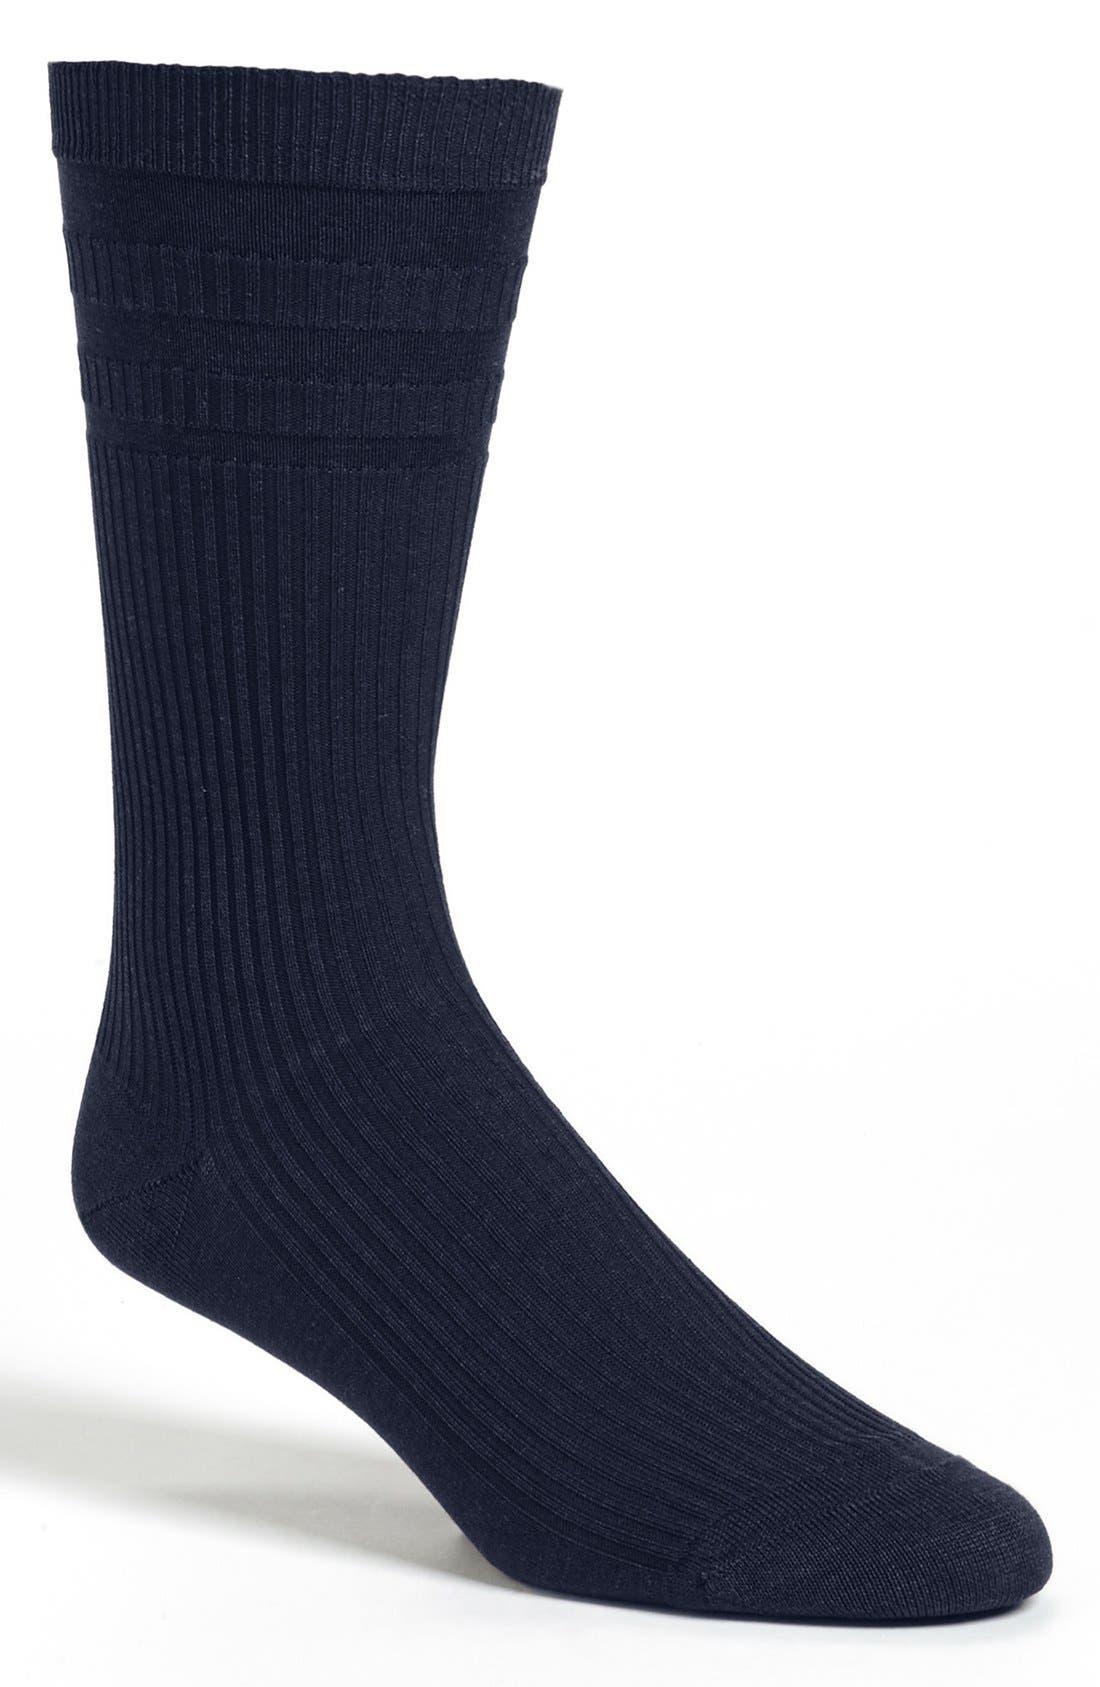 Alternate Image 1 Selected - Pantherella 'Comfort Top' Dress Socks